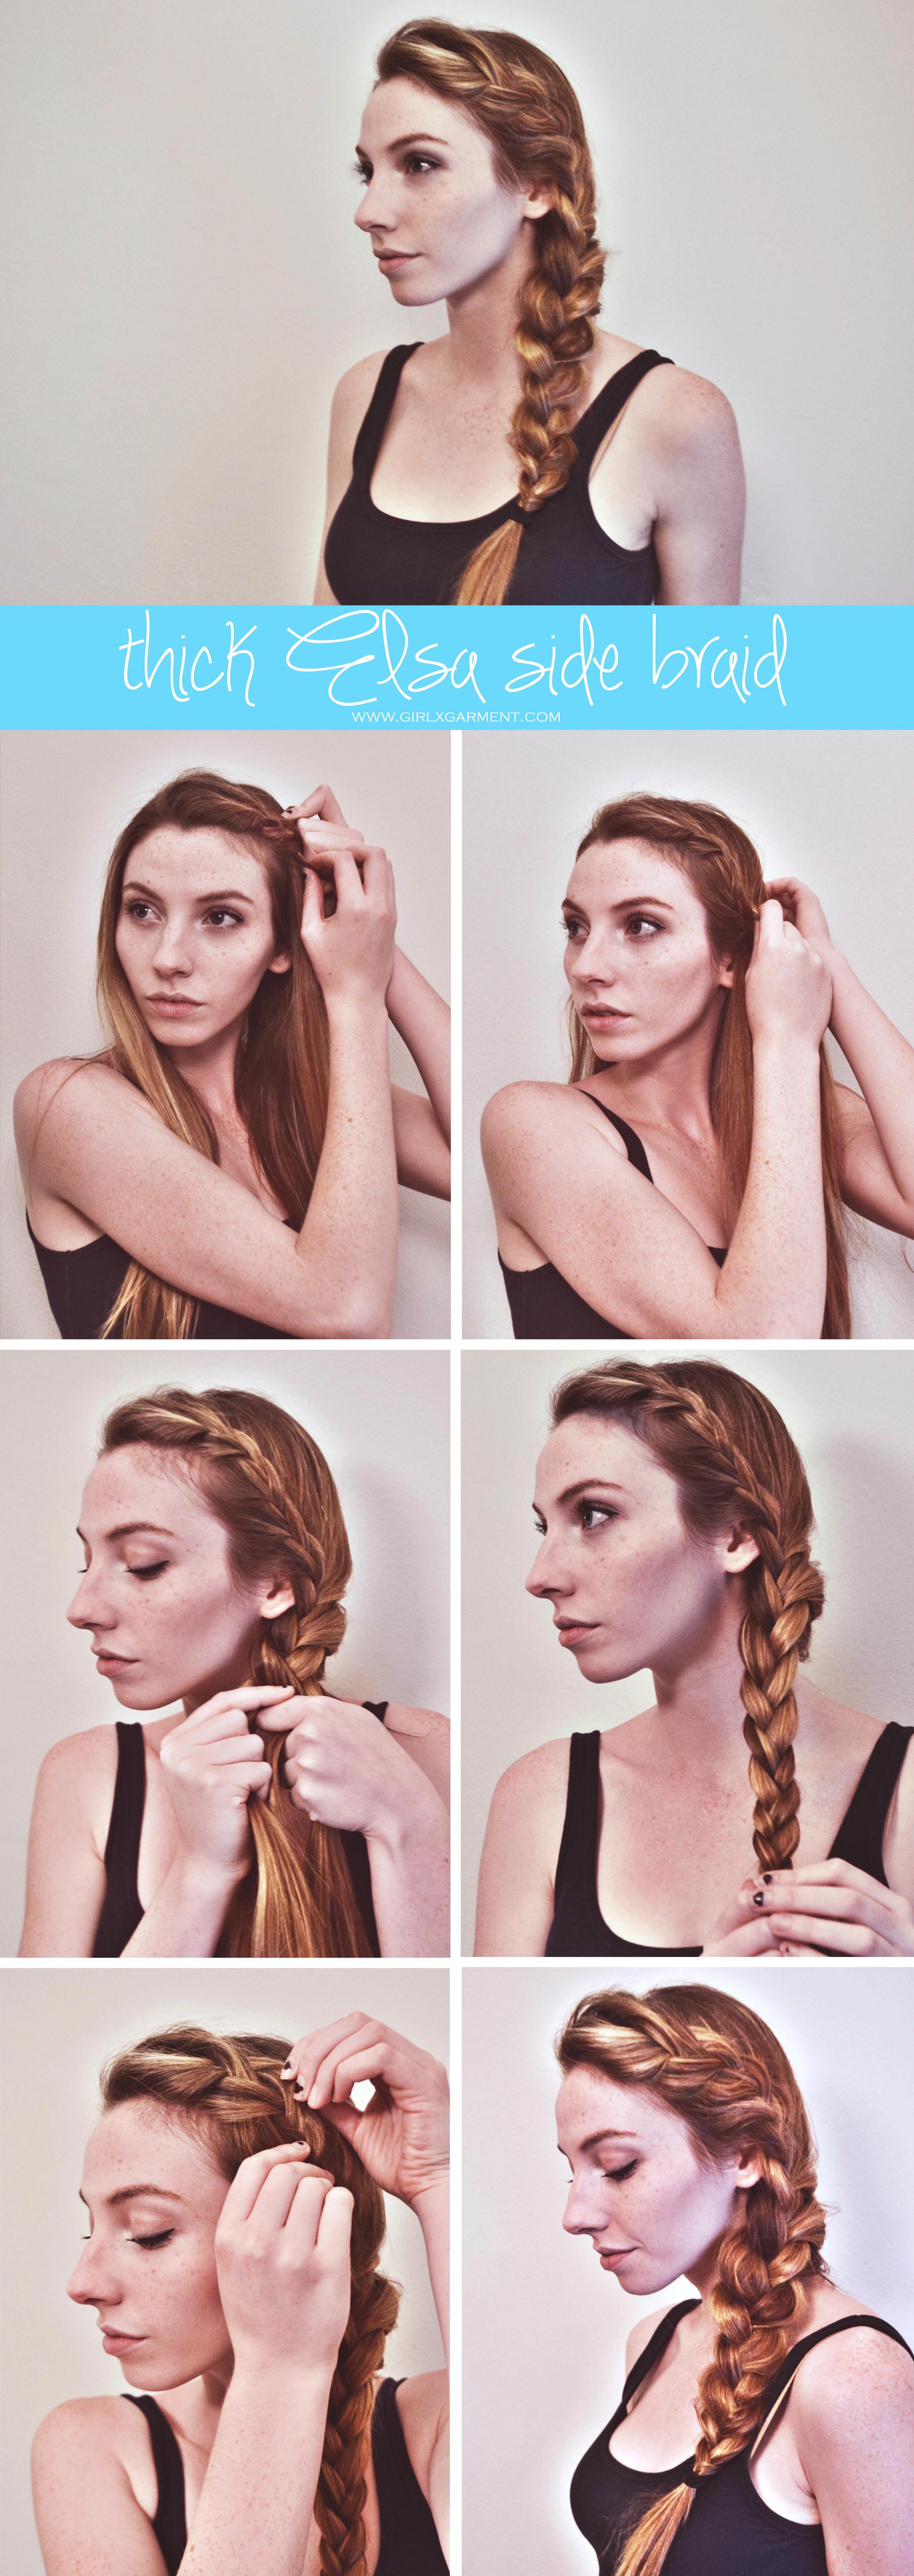 Thick Elsa Side Braid | Girl x Garment hair